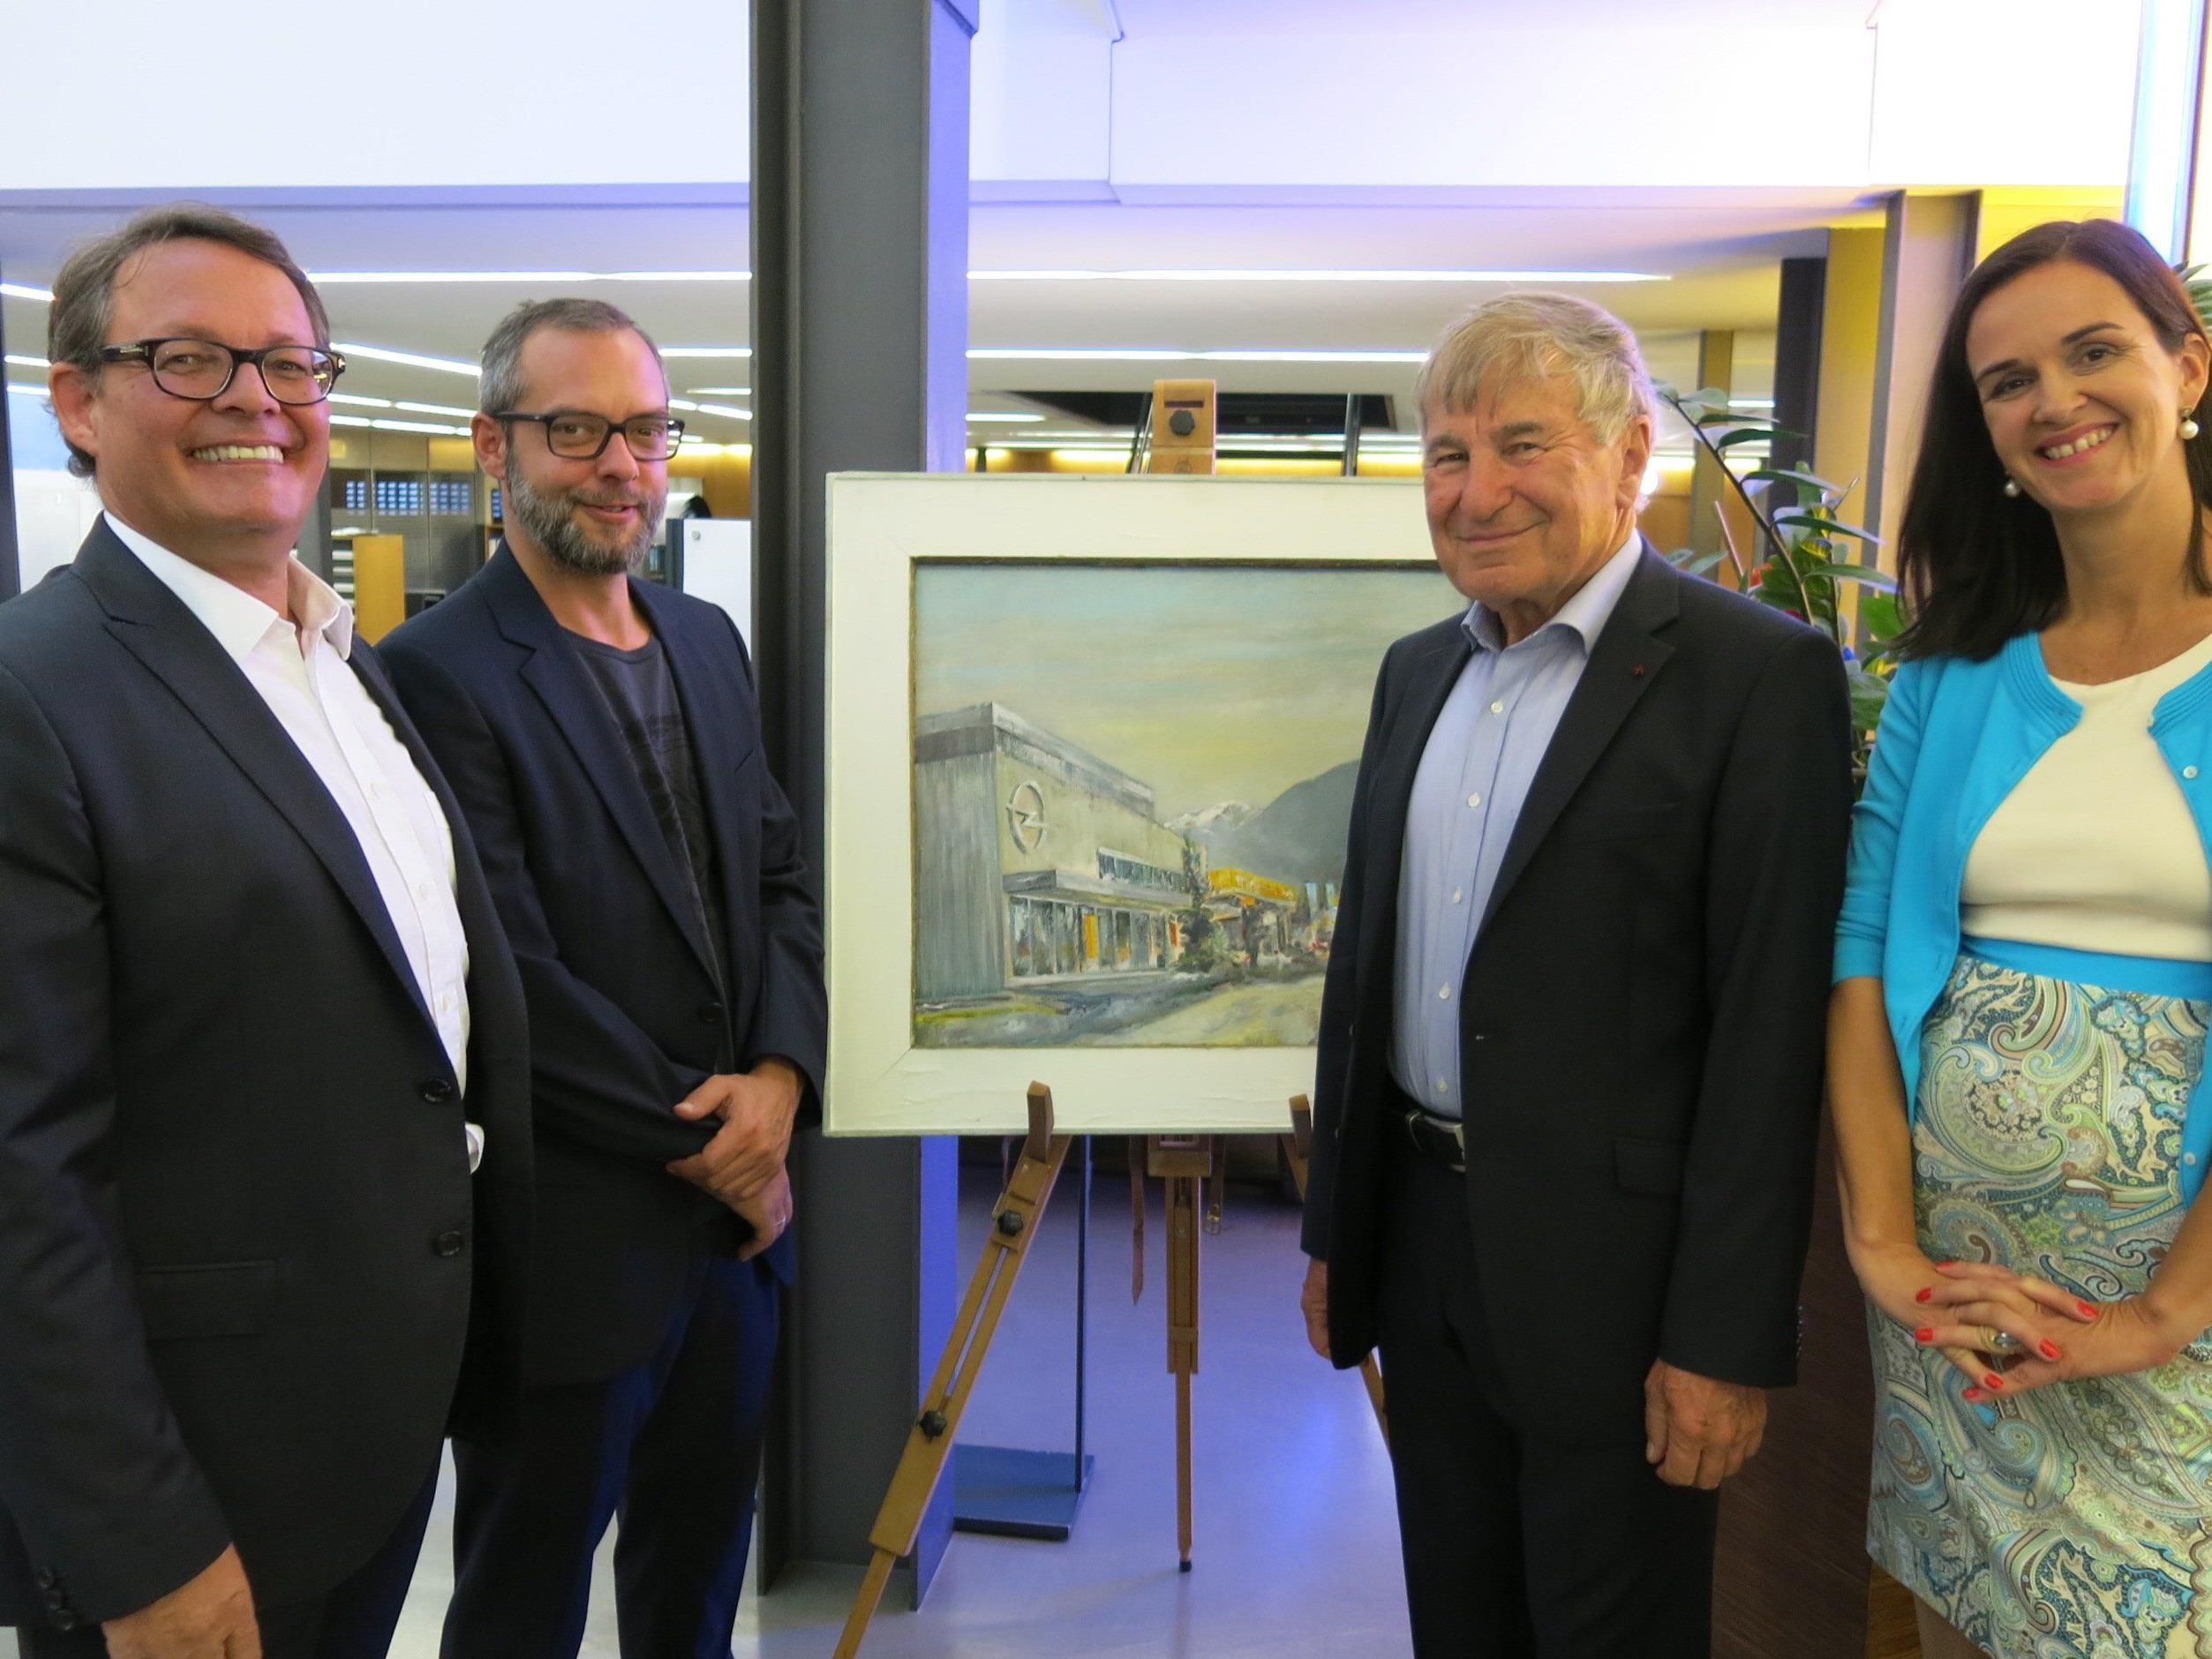 Die Ausstellungsräumen von Opel Gerster bieten einen exklusiven Rahmen für die Bilder von Prof. Gerhard Winkler. Mit Christoph und Sabine Gerster und Lothar Baumgarnter